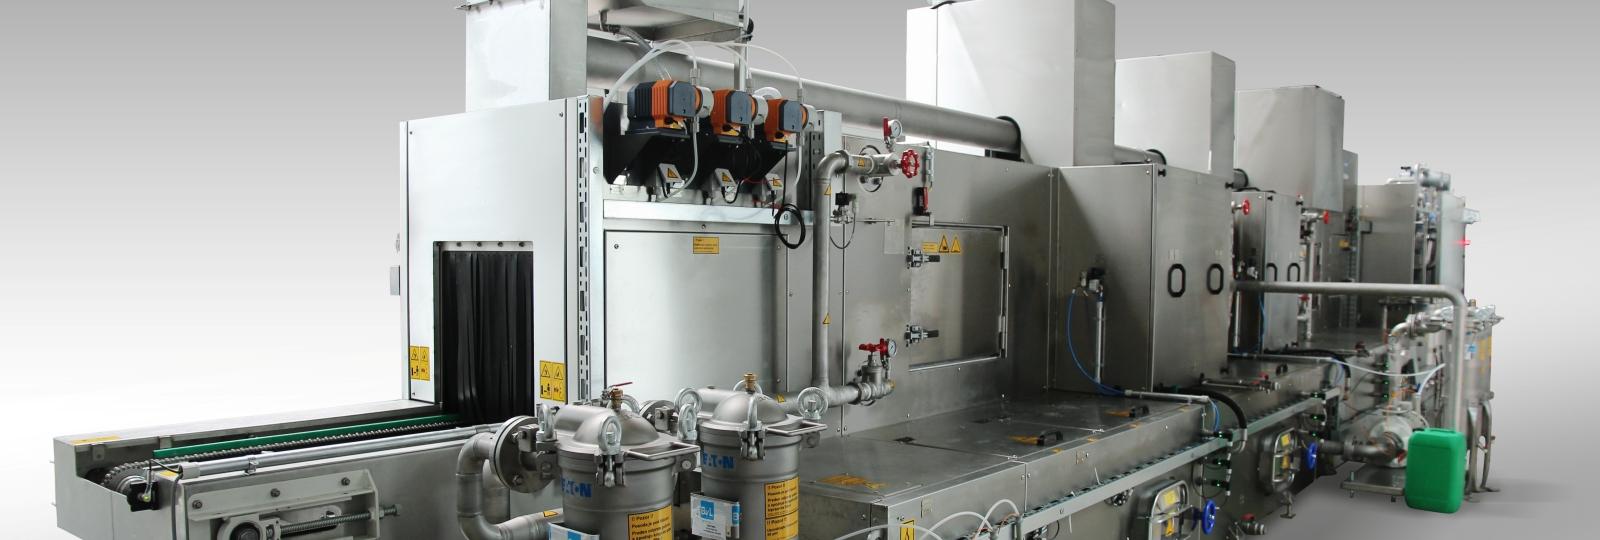 Die BvL Reinigungsanlage Yukon ist eine Durchlaufanlage mit kontinuierlichem Materialfluss, für hohe Durchsätze